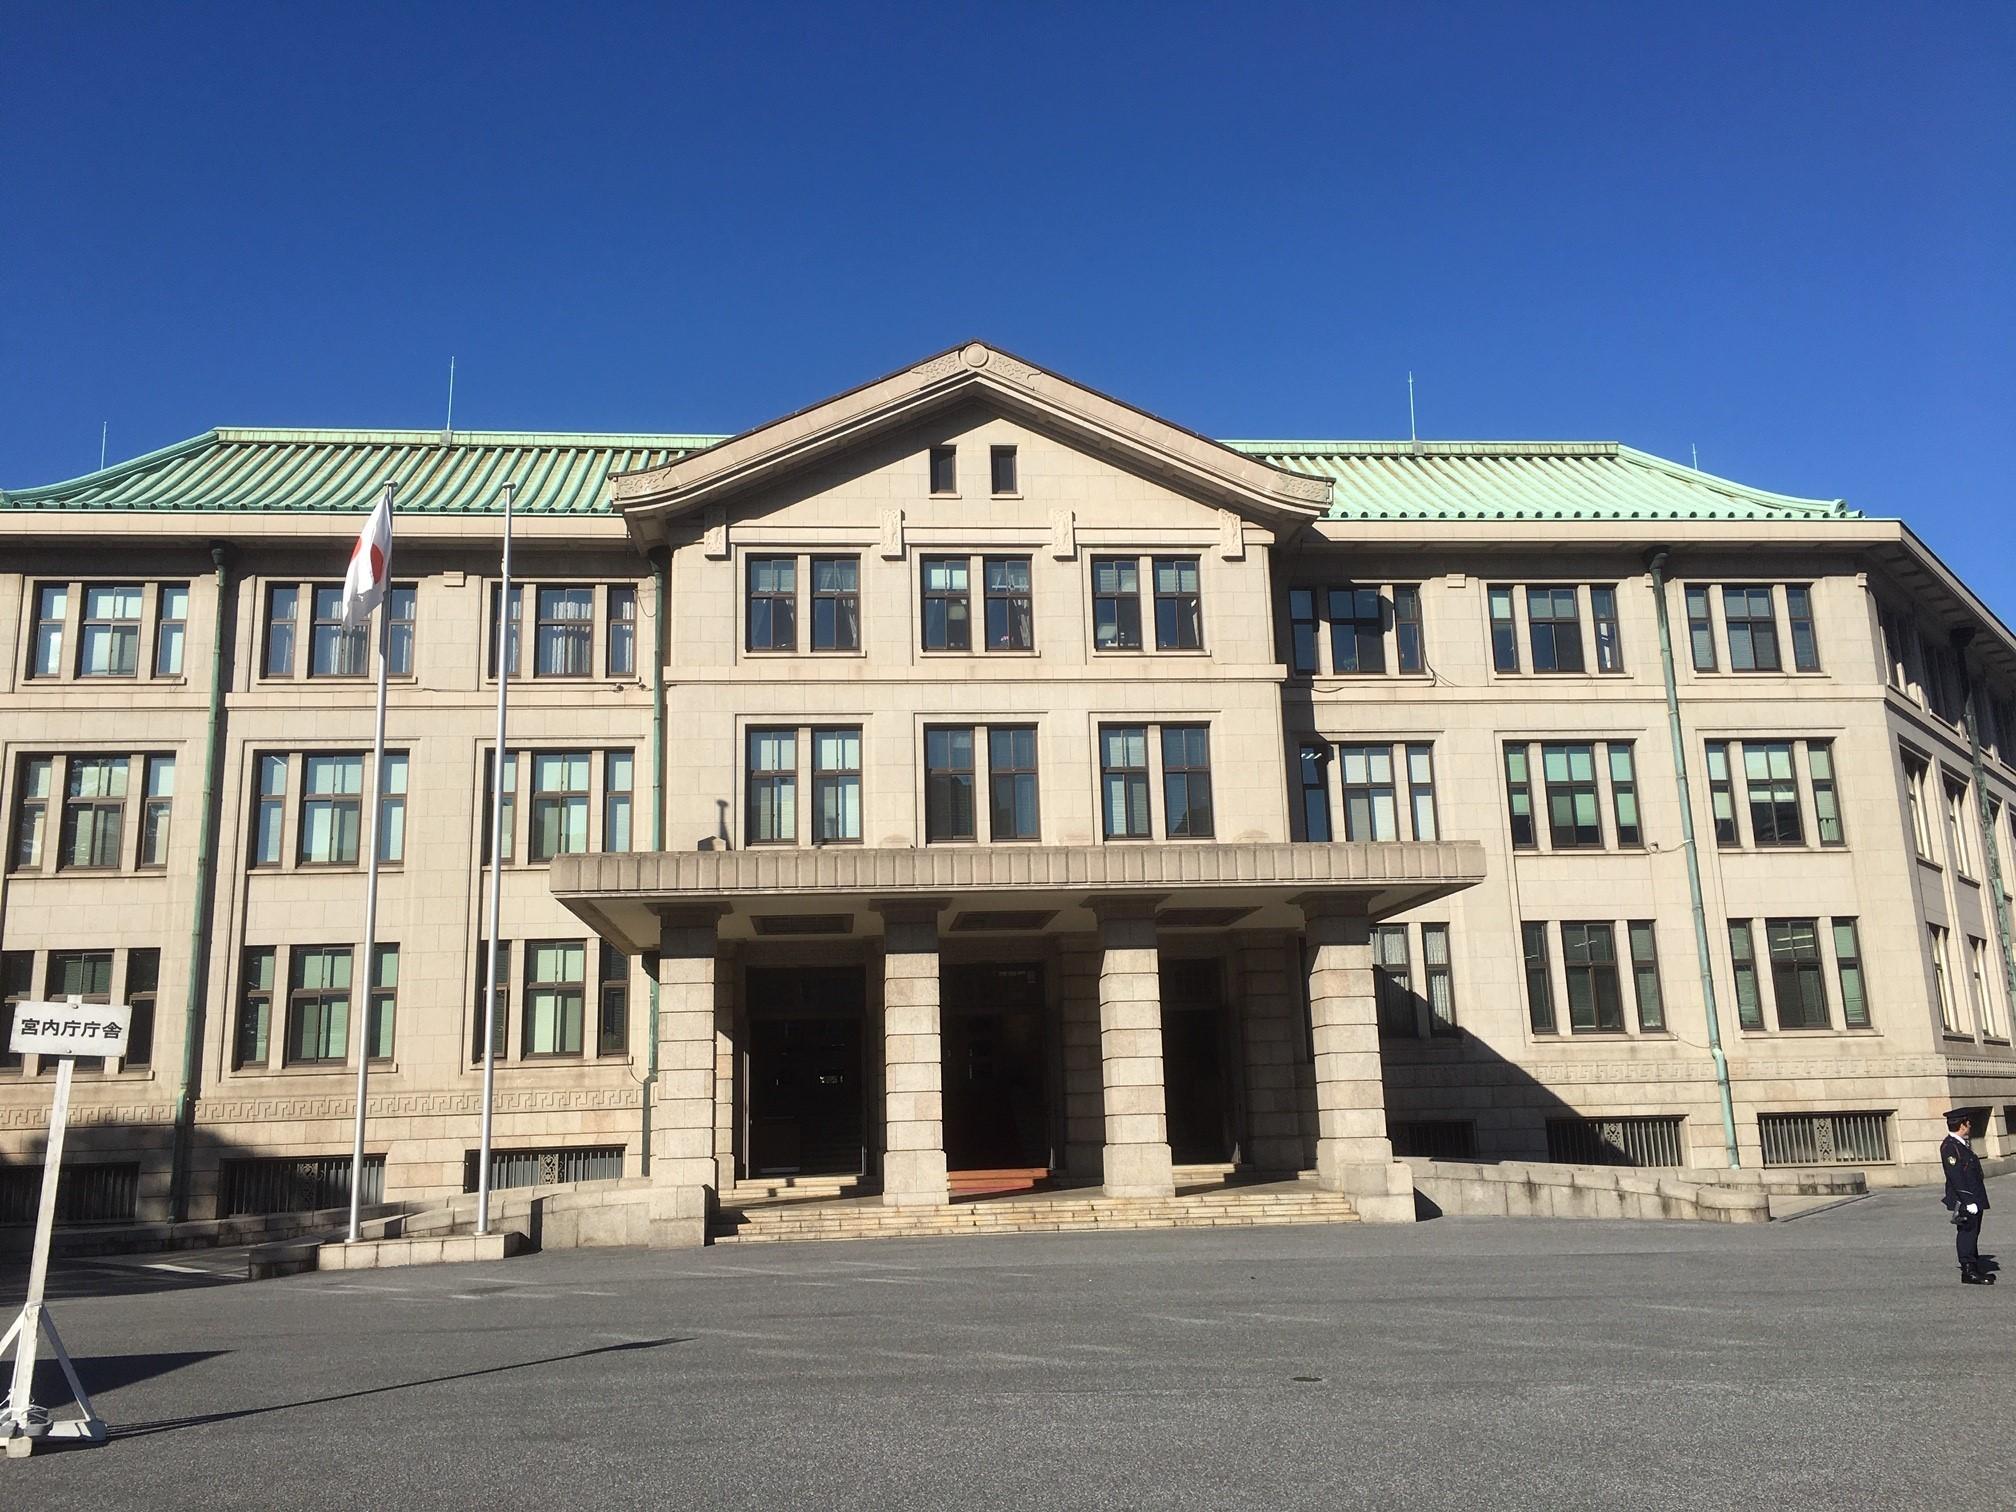 皇居‐宮内庁庁舎